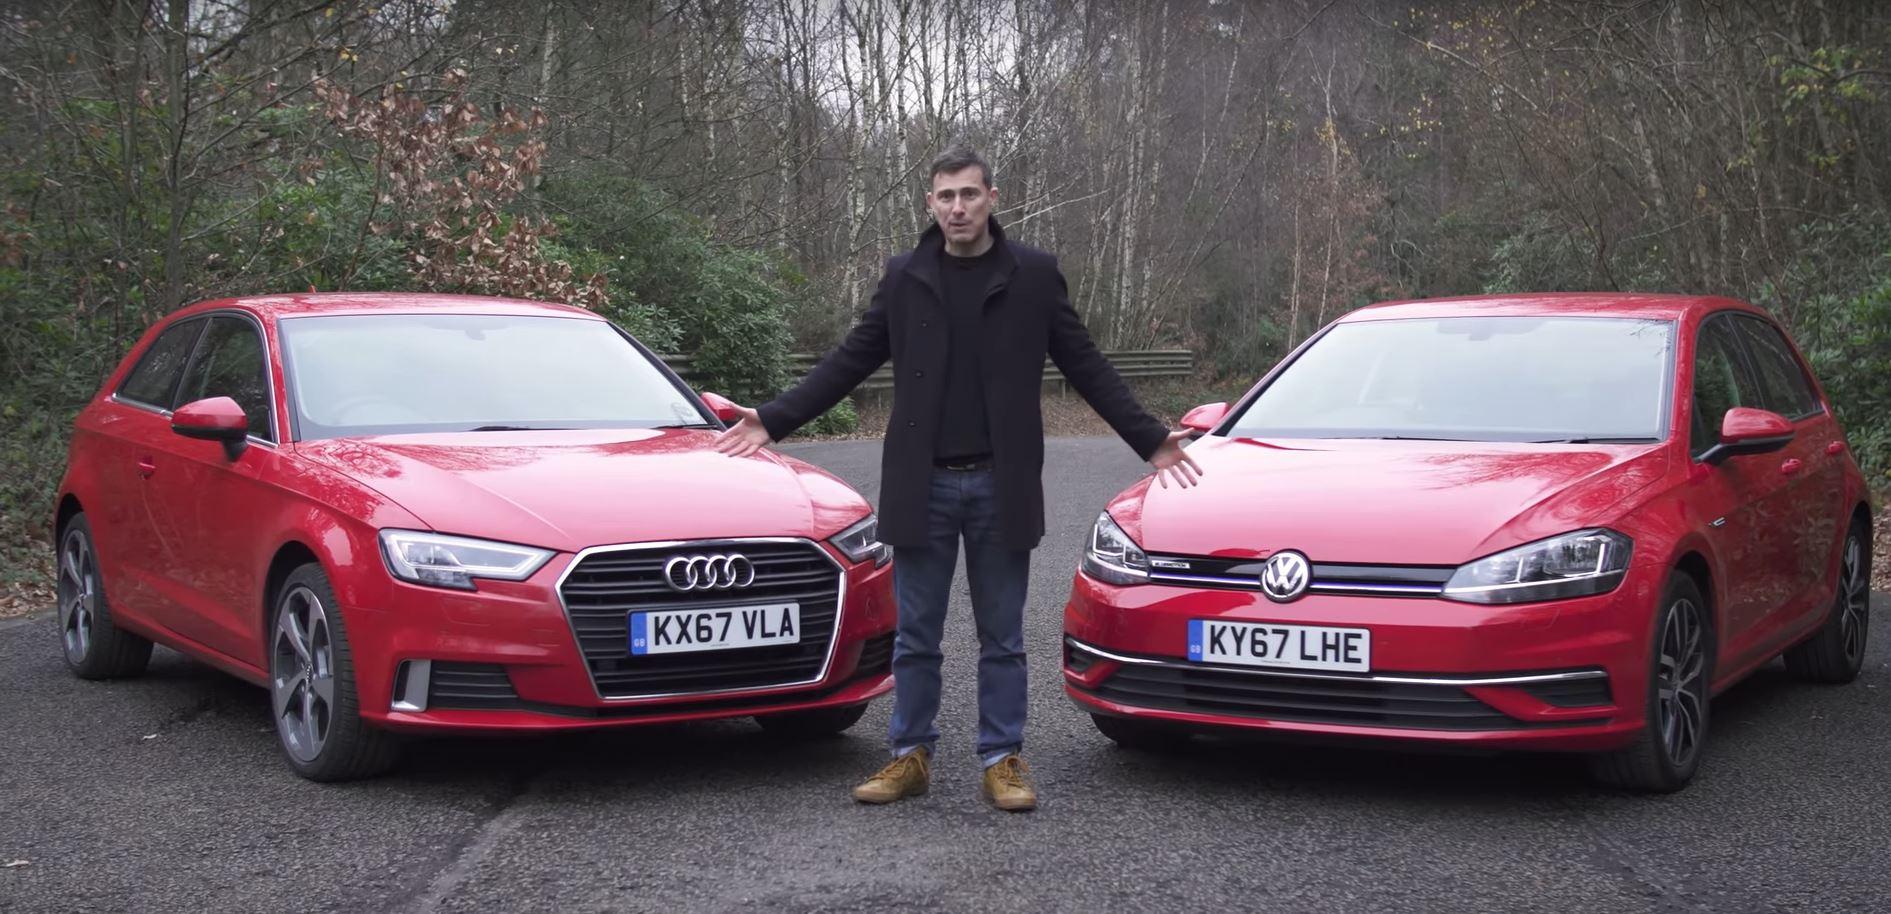 Kekurangan Audi Volkswagen Tangguh